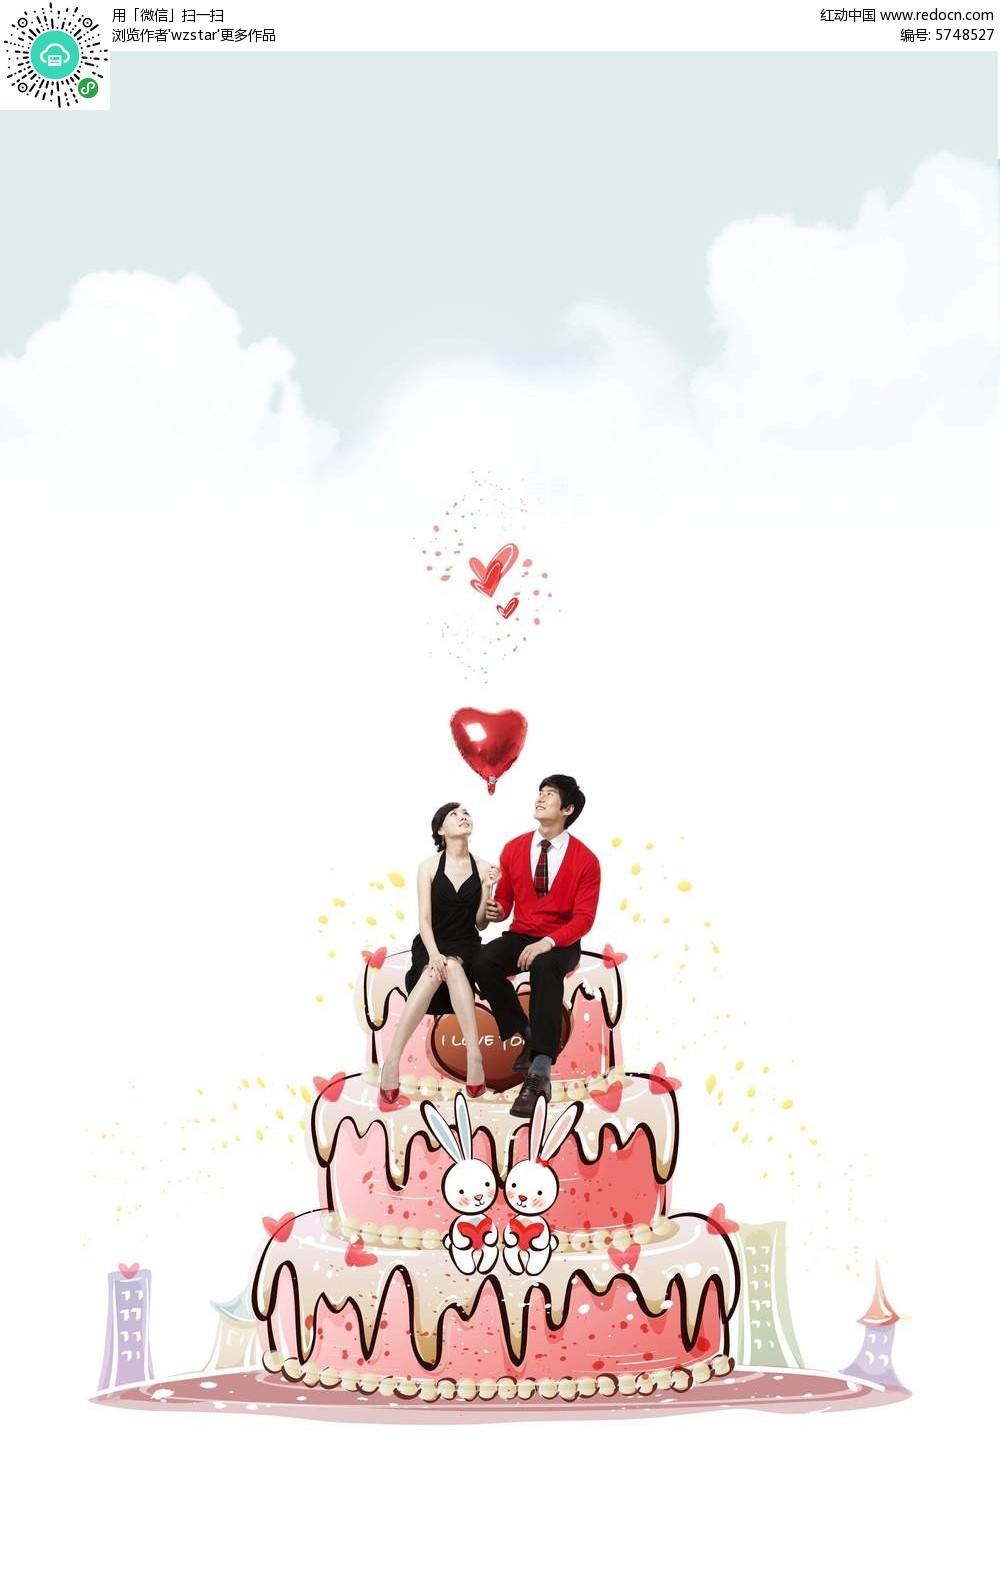 免费素材 psd素材 psd花纹边框 其他 蛋糕上的情侣创意海报